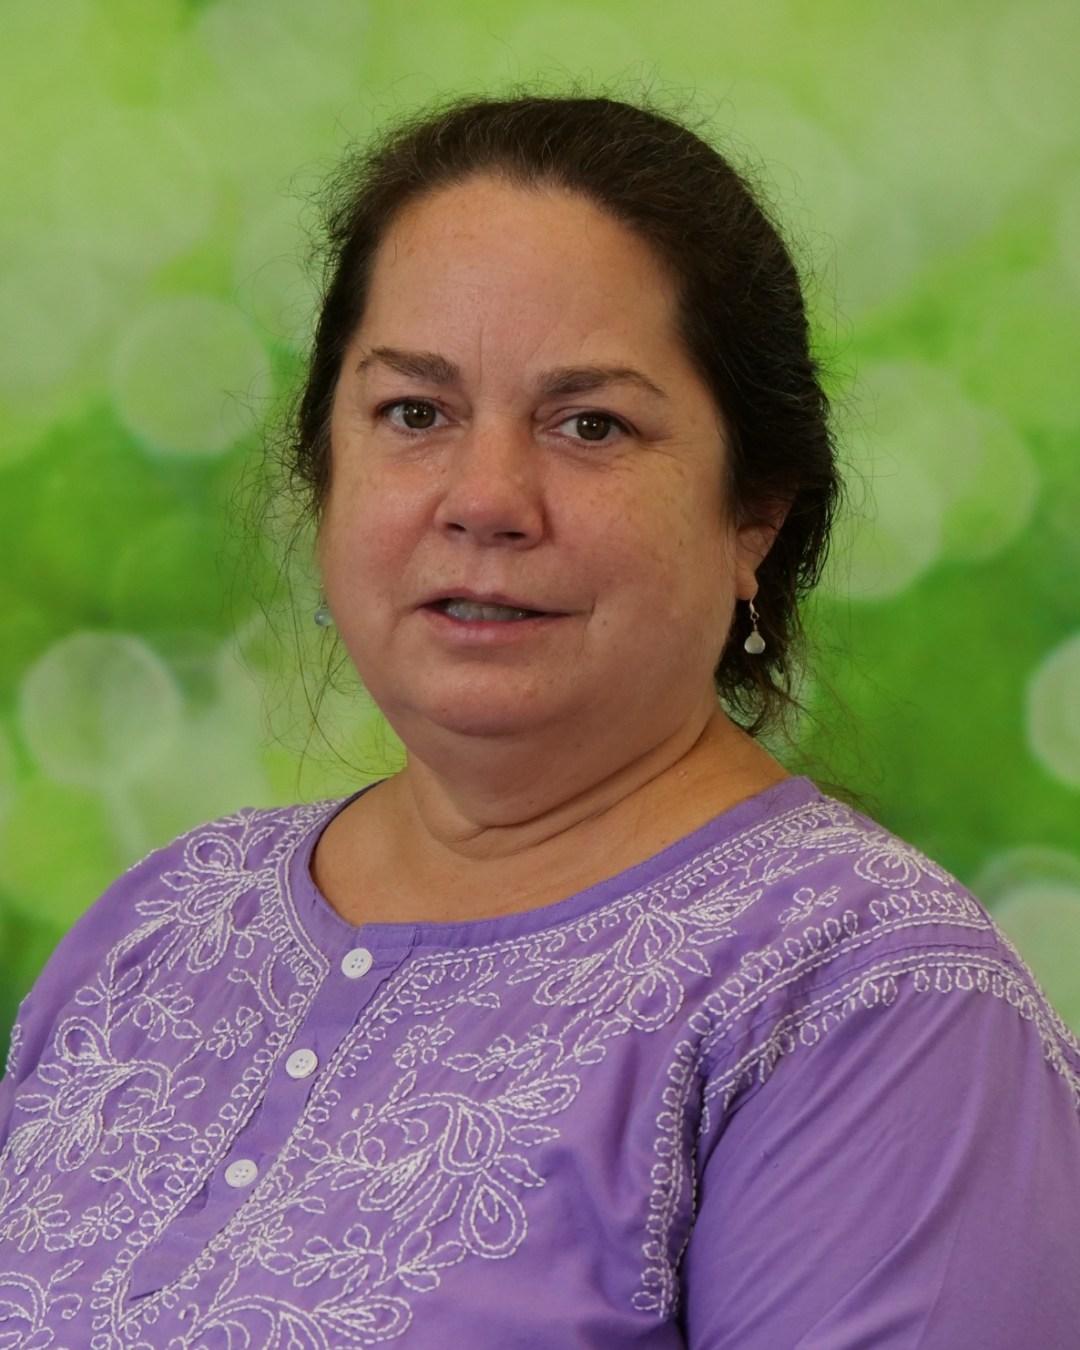 Laura Kitselman